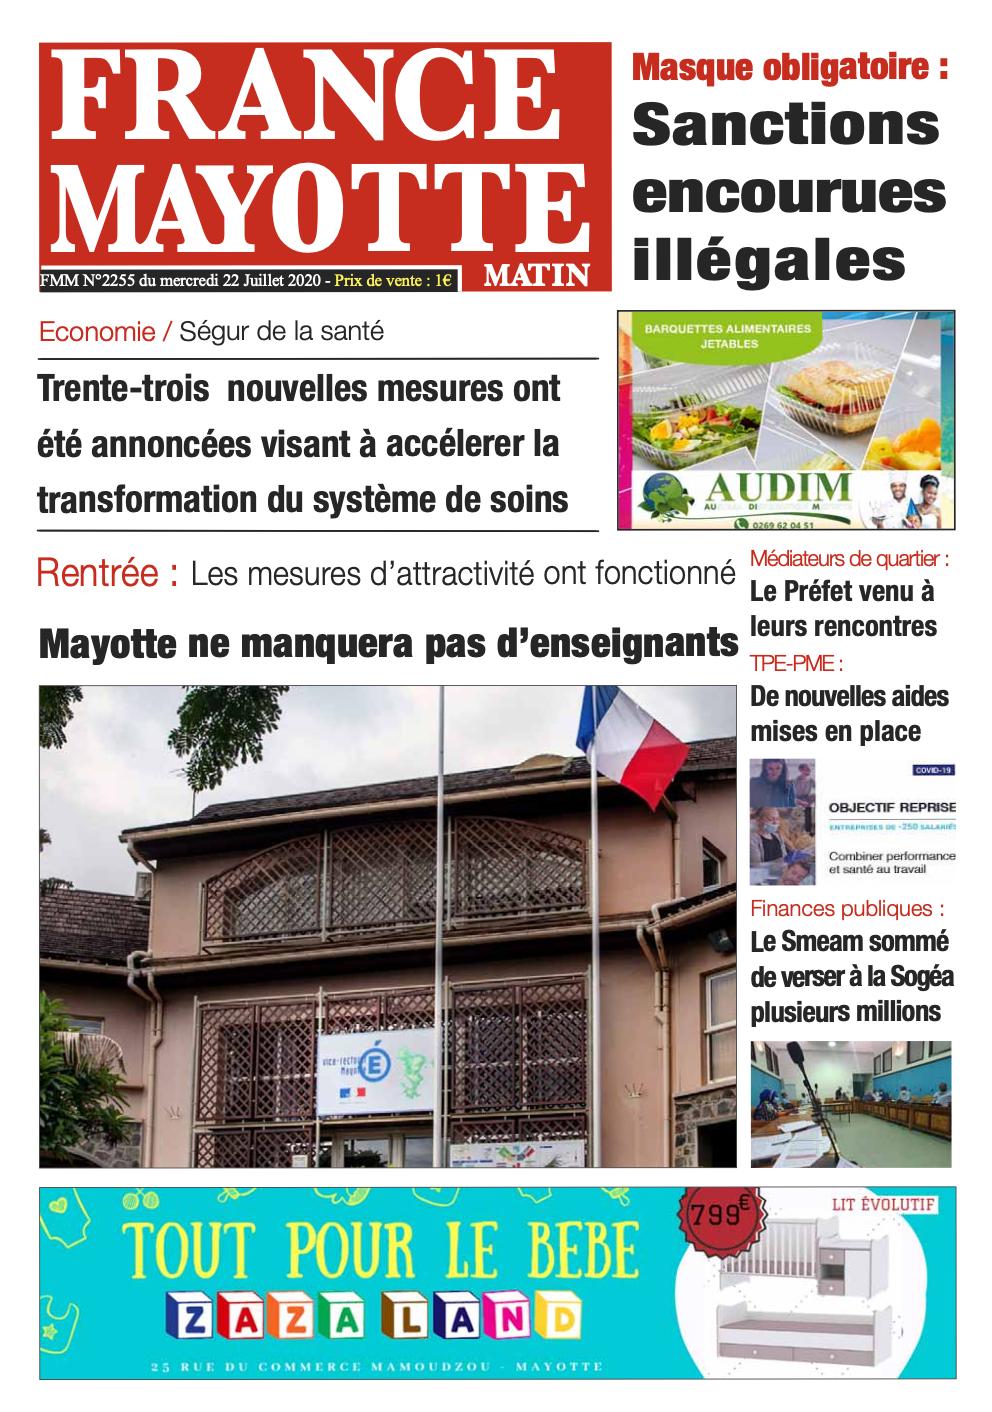 France Mayotte Mercredi 22 juillet 2020